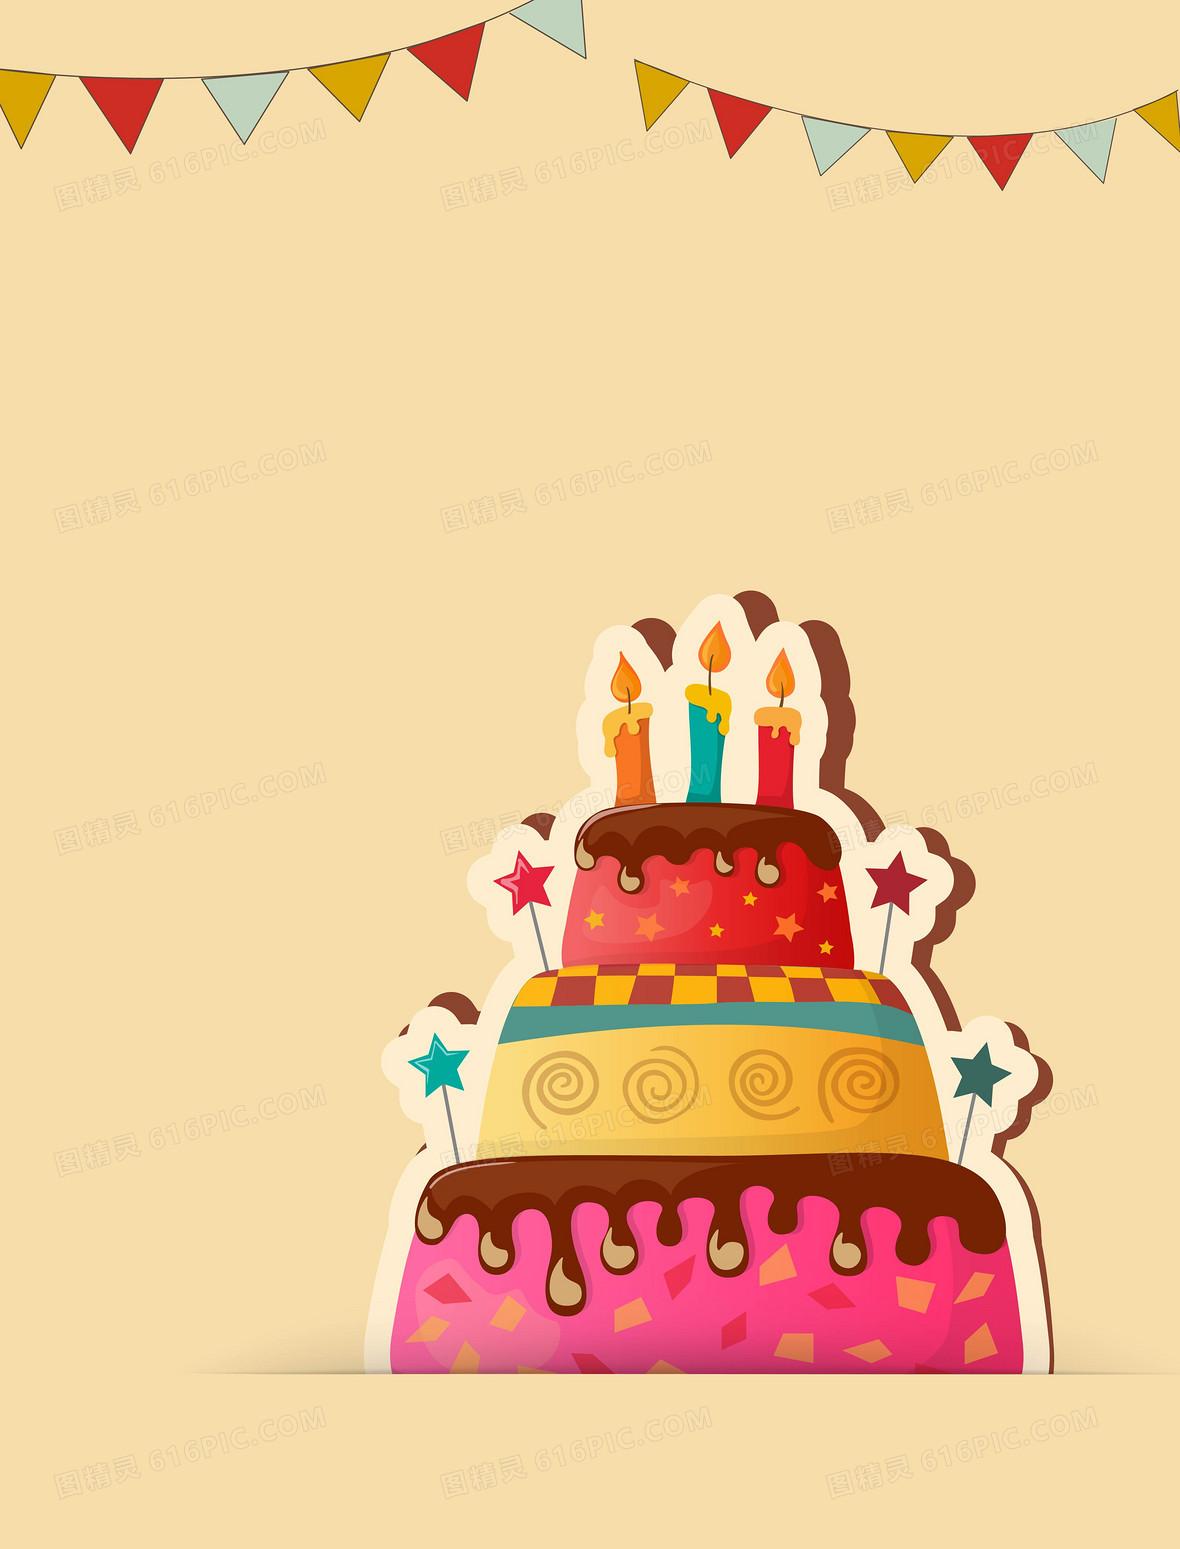 矢量卡通手绘蛋糕庆祝背景素材